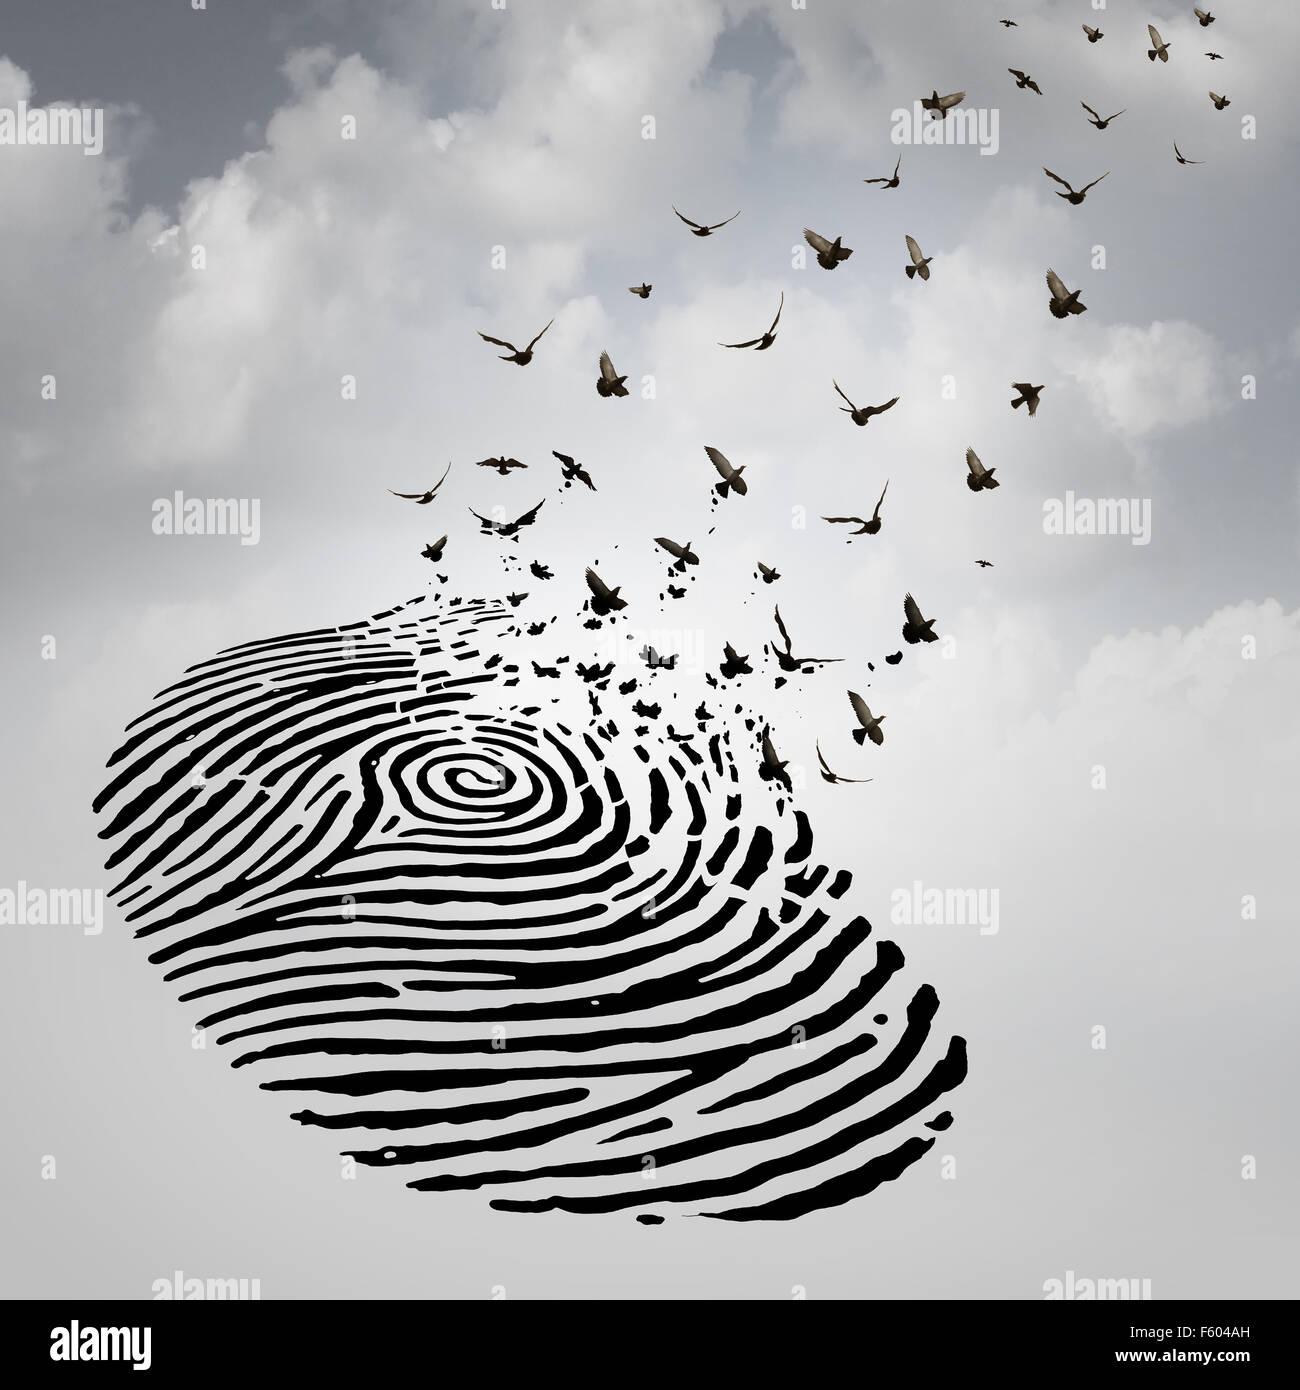 Concepto de la libertad de identidad como una huella dactilar se transforma en las aves que vuelan como una metáfora Imagen De Stock